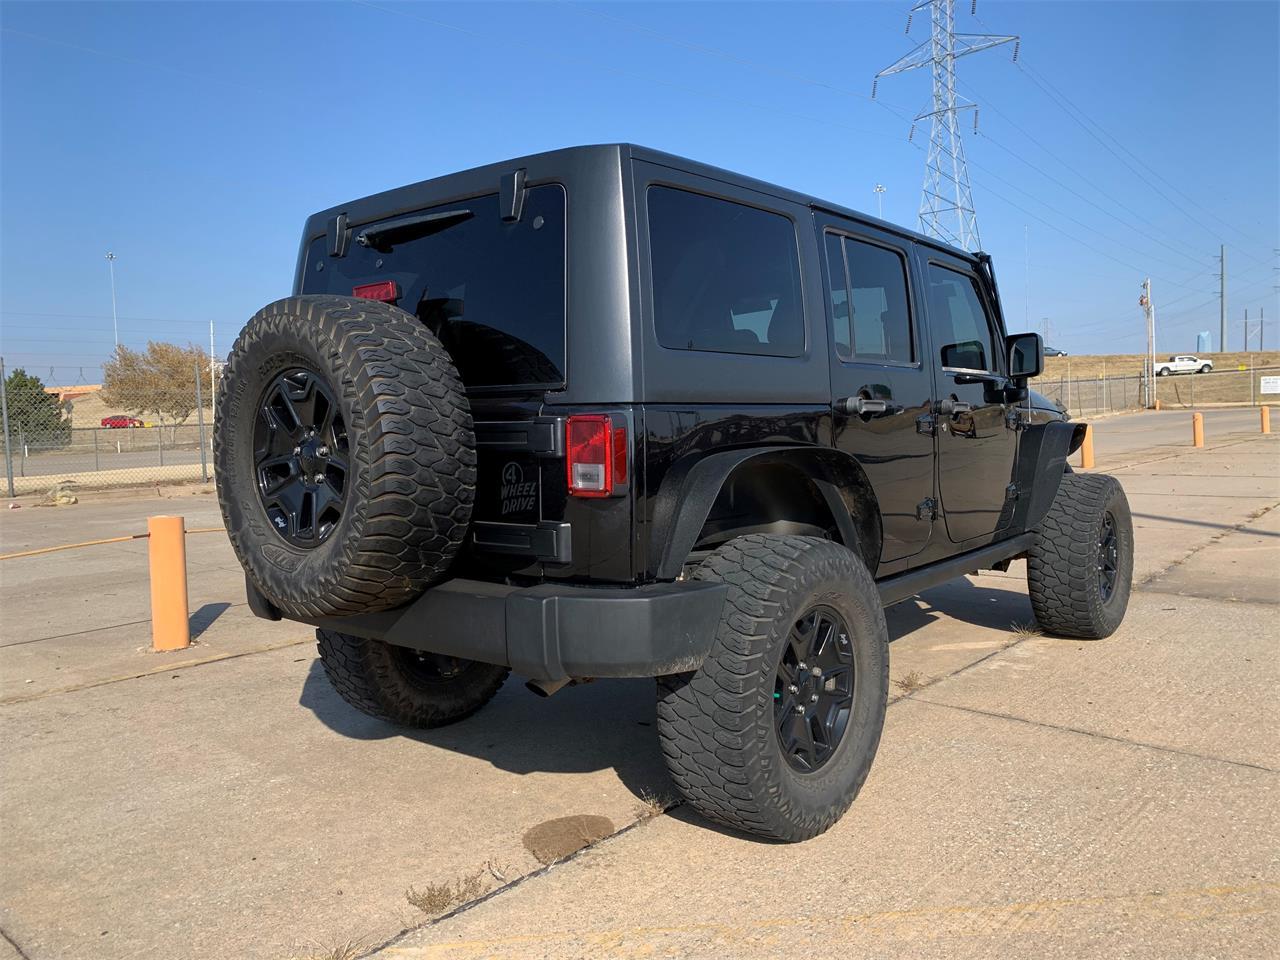 2015 Jeep Wrangler (CC-1297624) for sale in Dallas, Texas